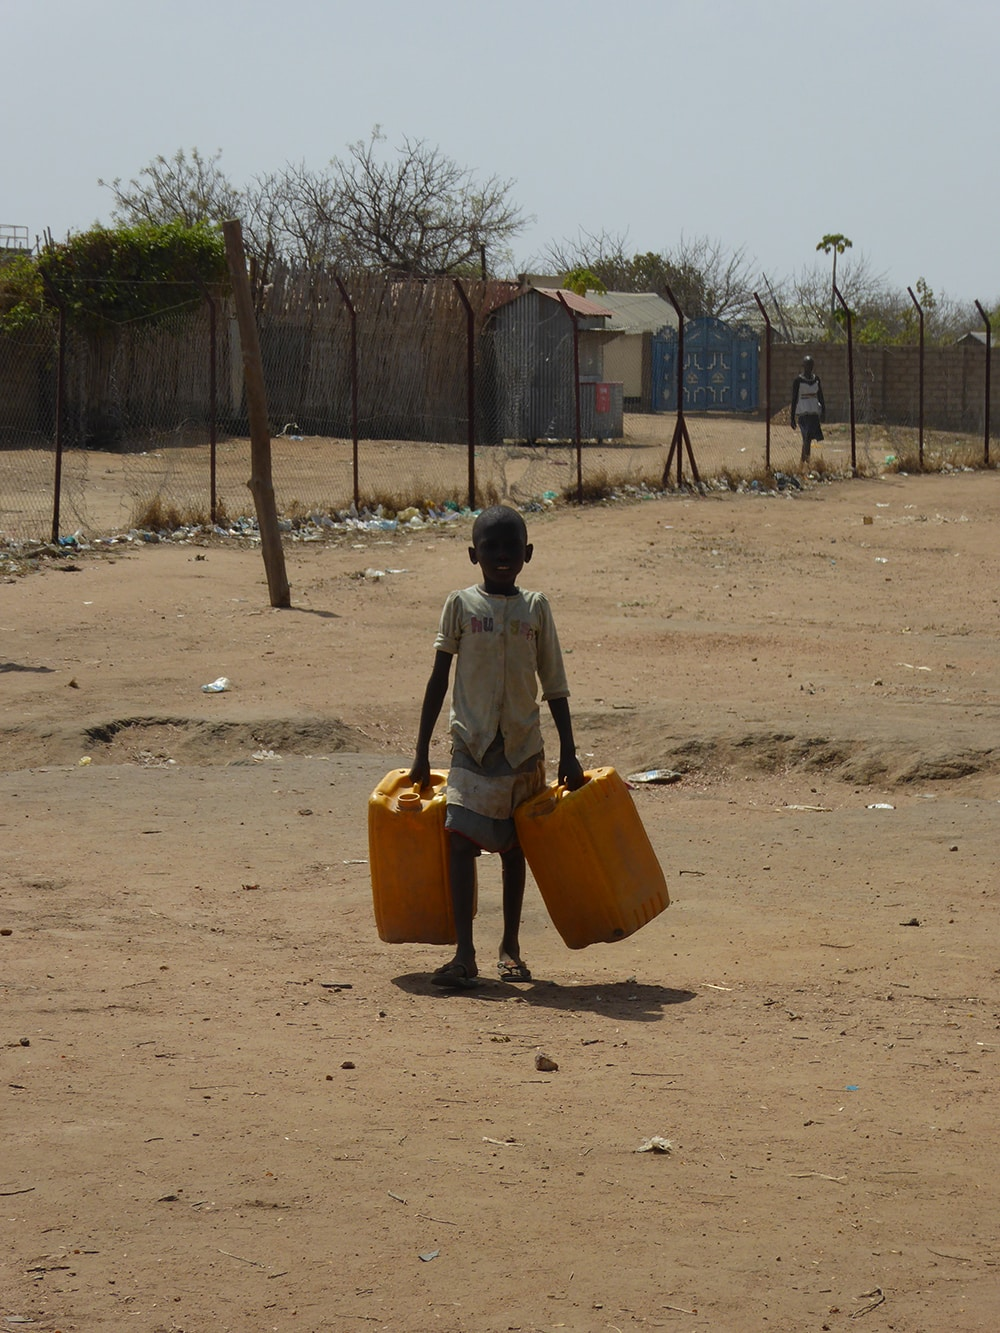 Za kar četrtino otrok na svetu bo do leta 2040 omejen dostop do vode